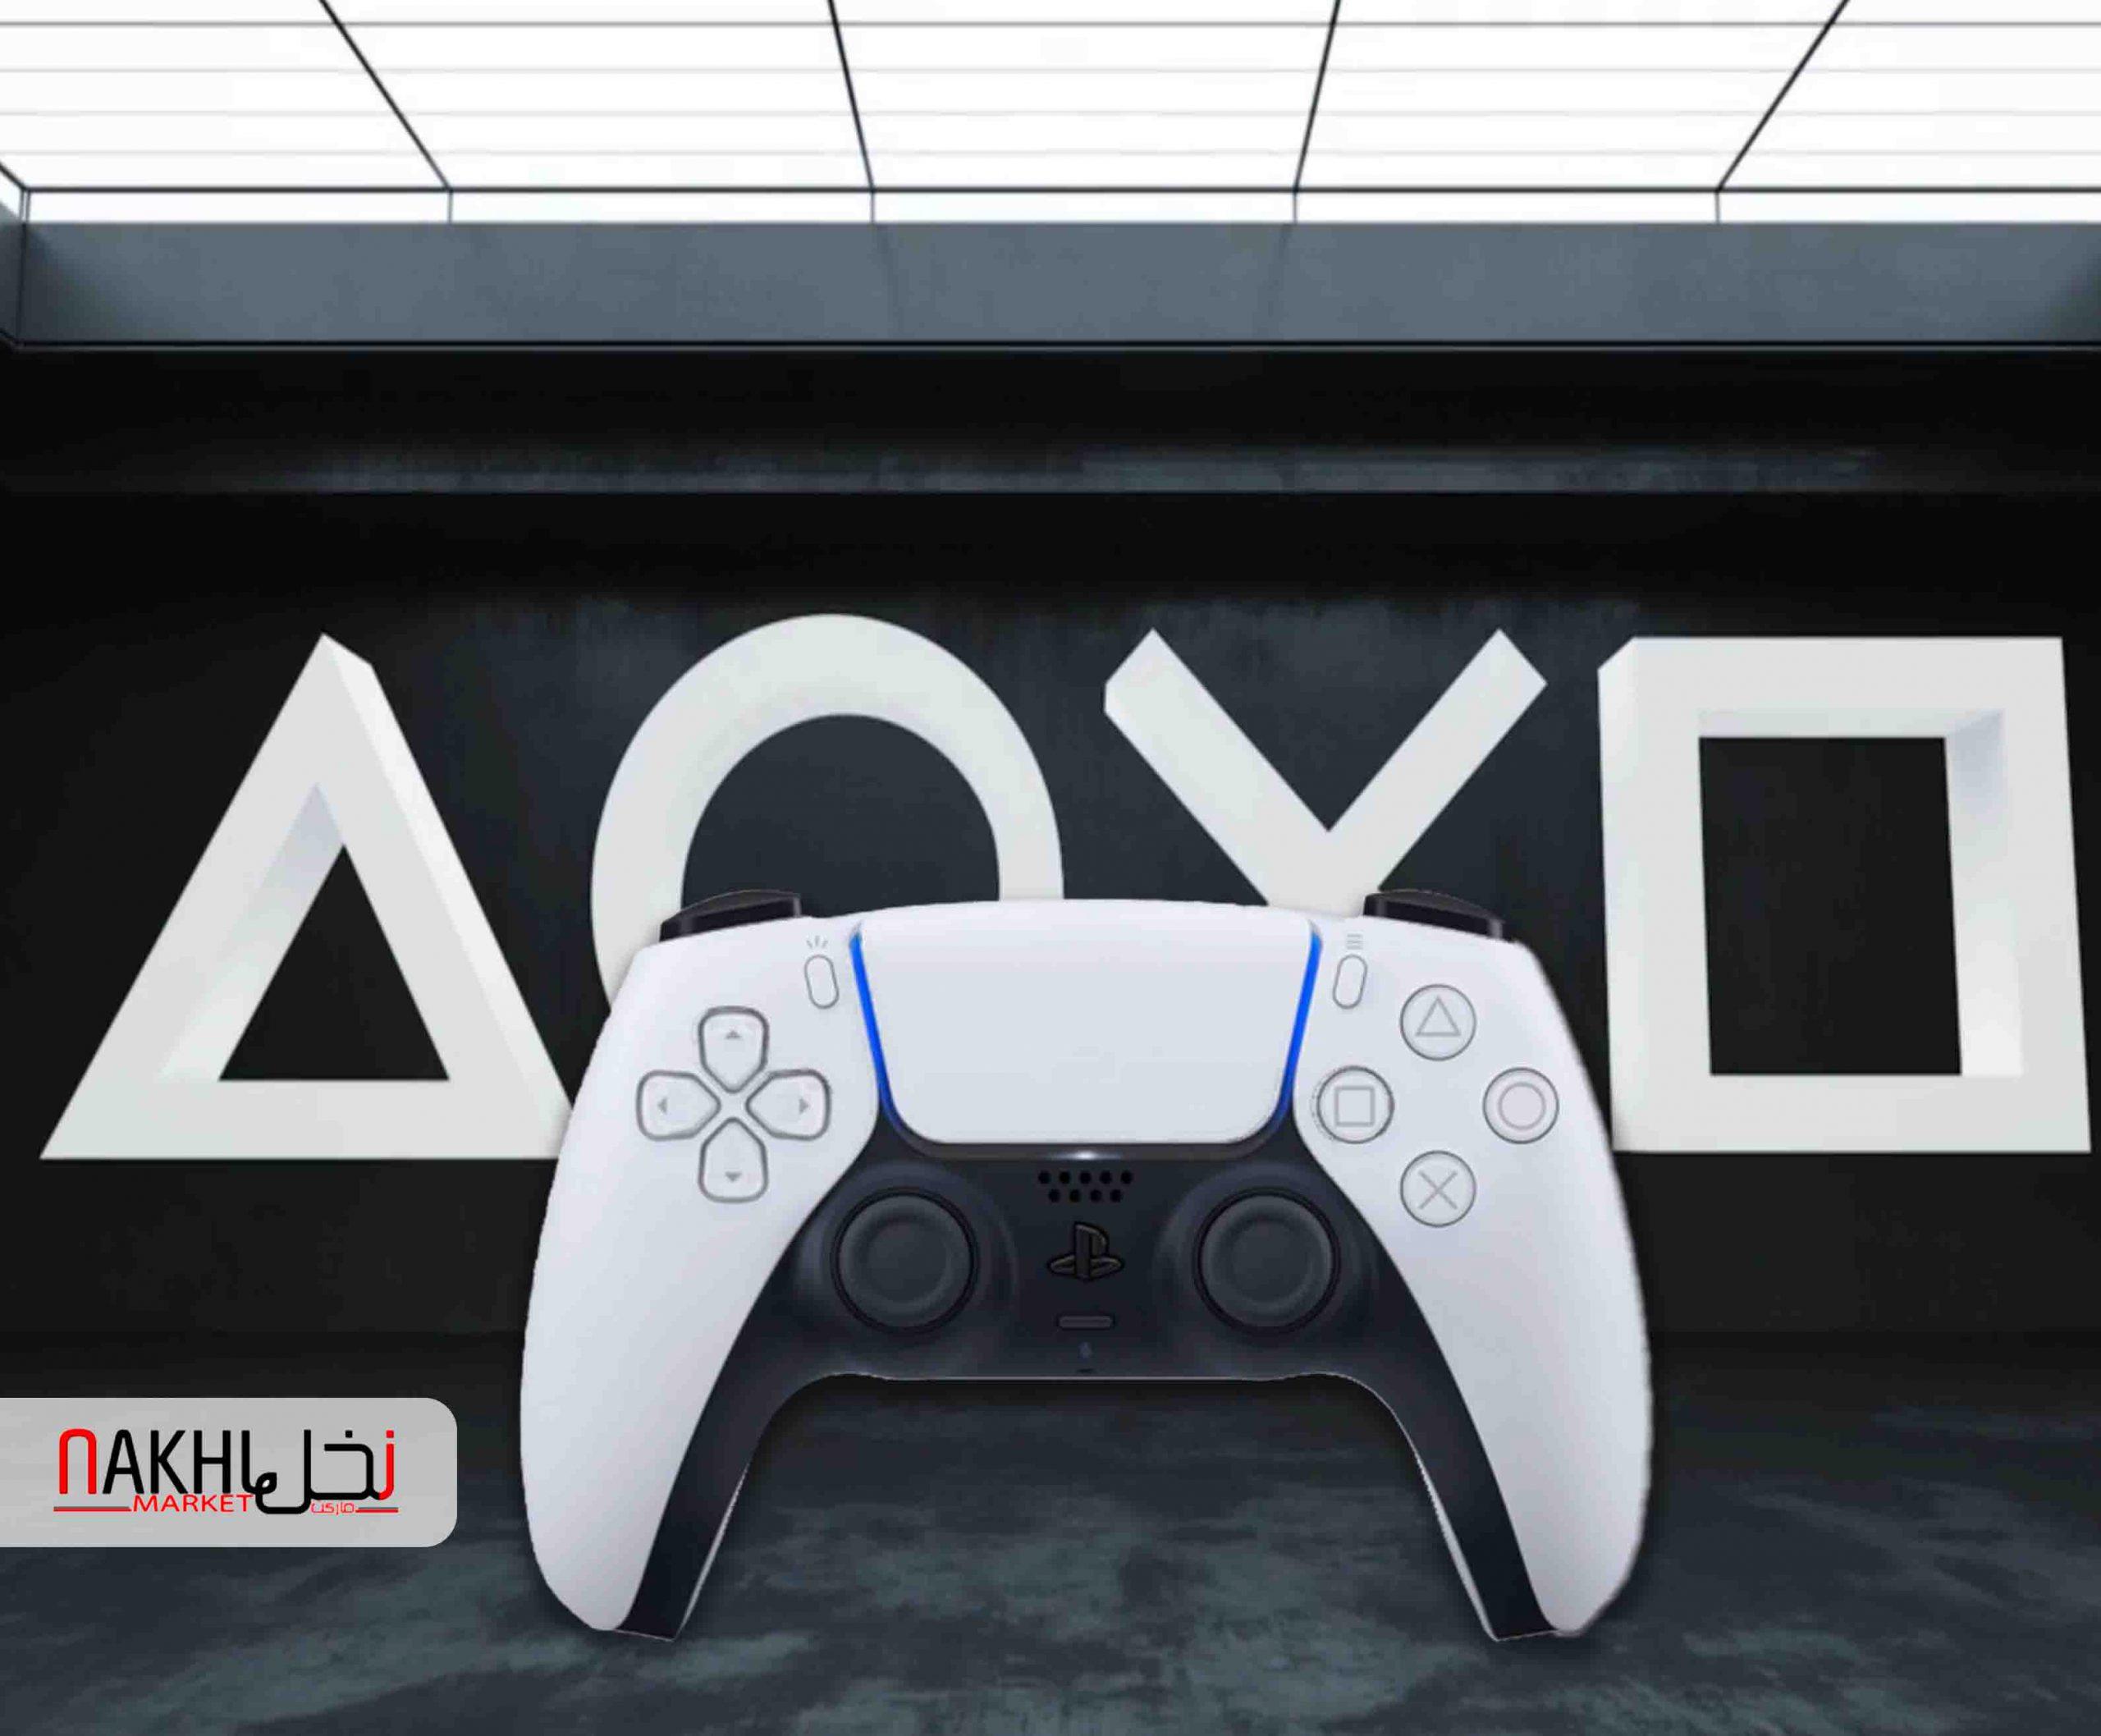 هر آنچه درباره PS5 می دانیم